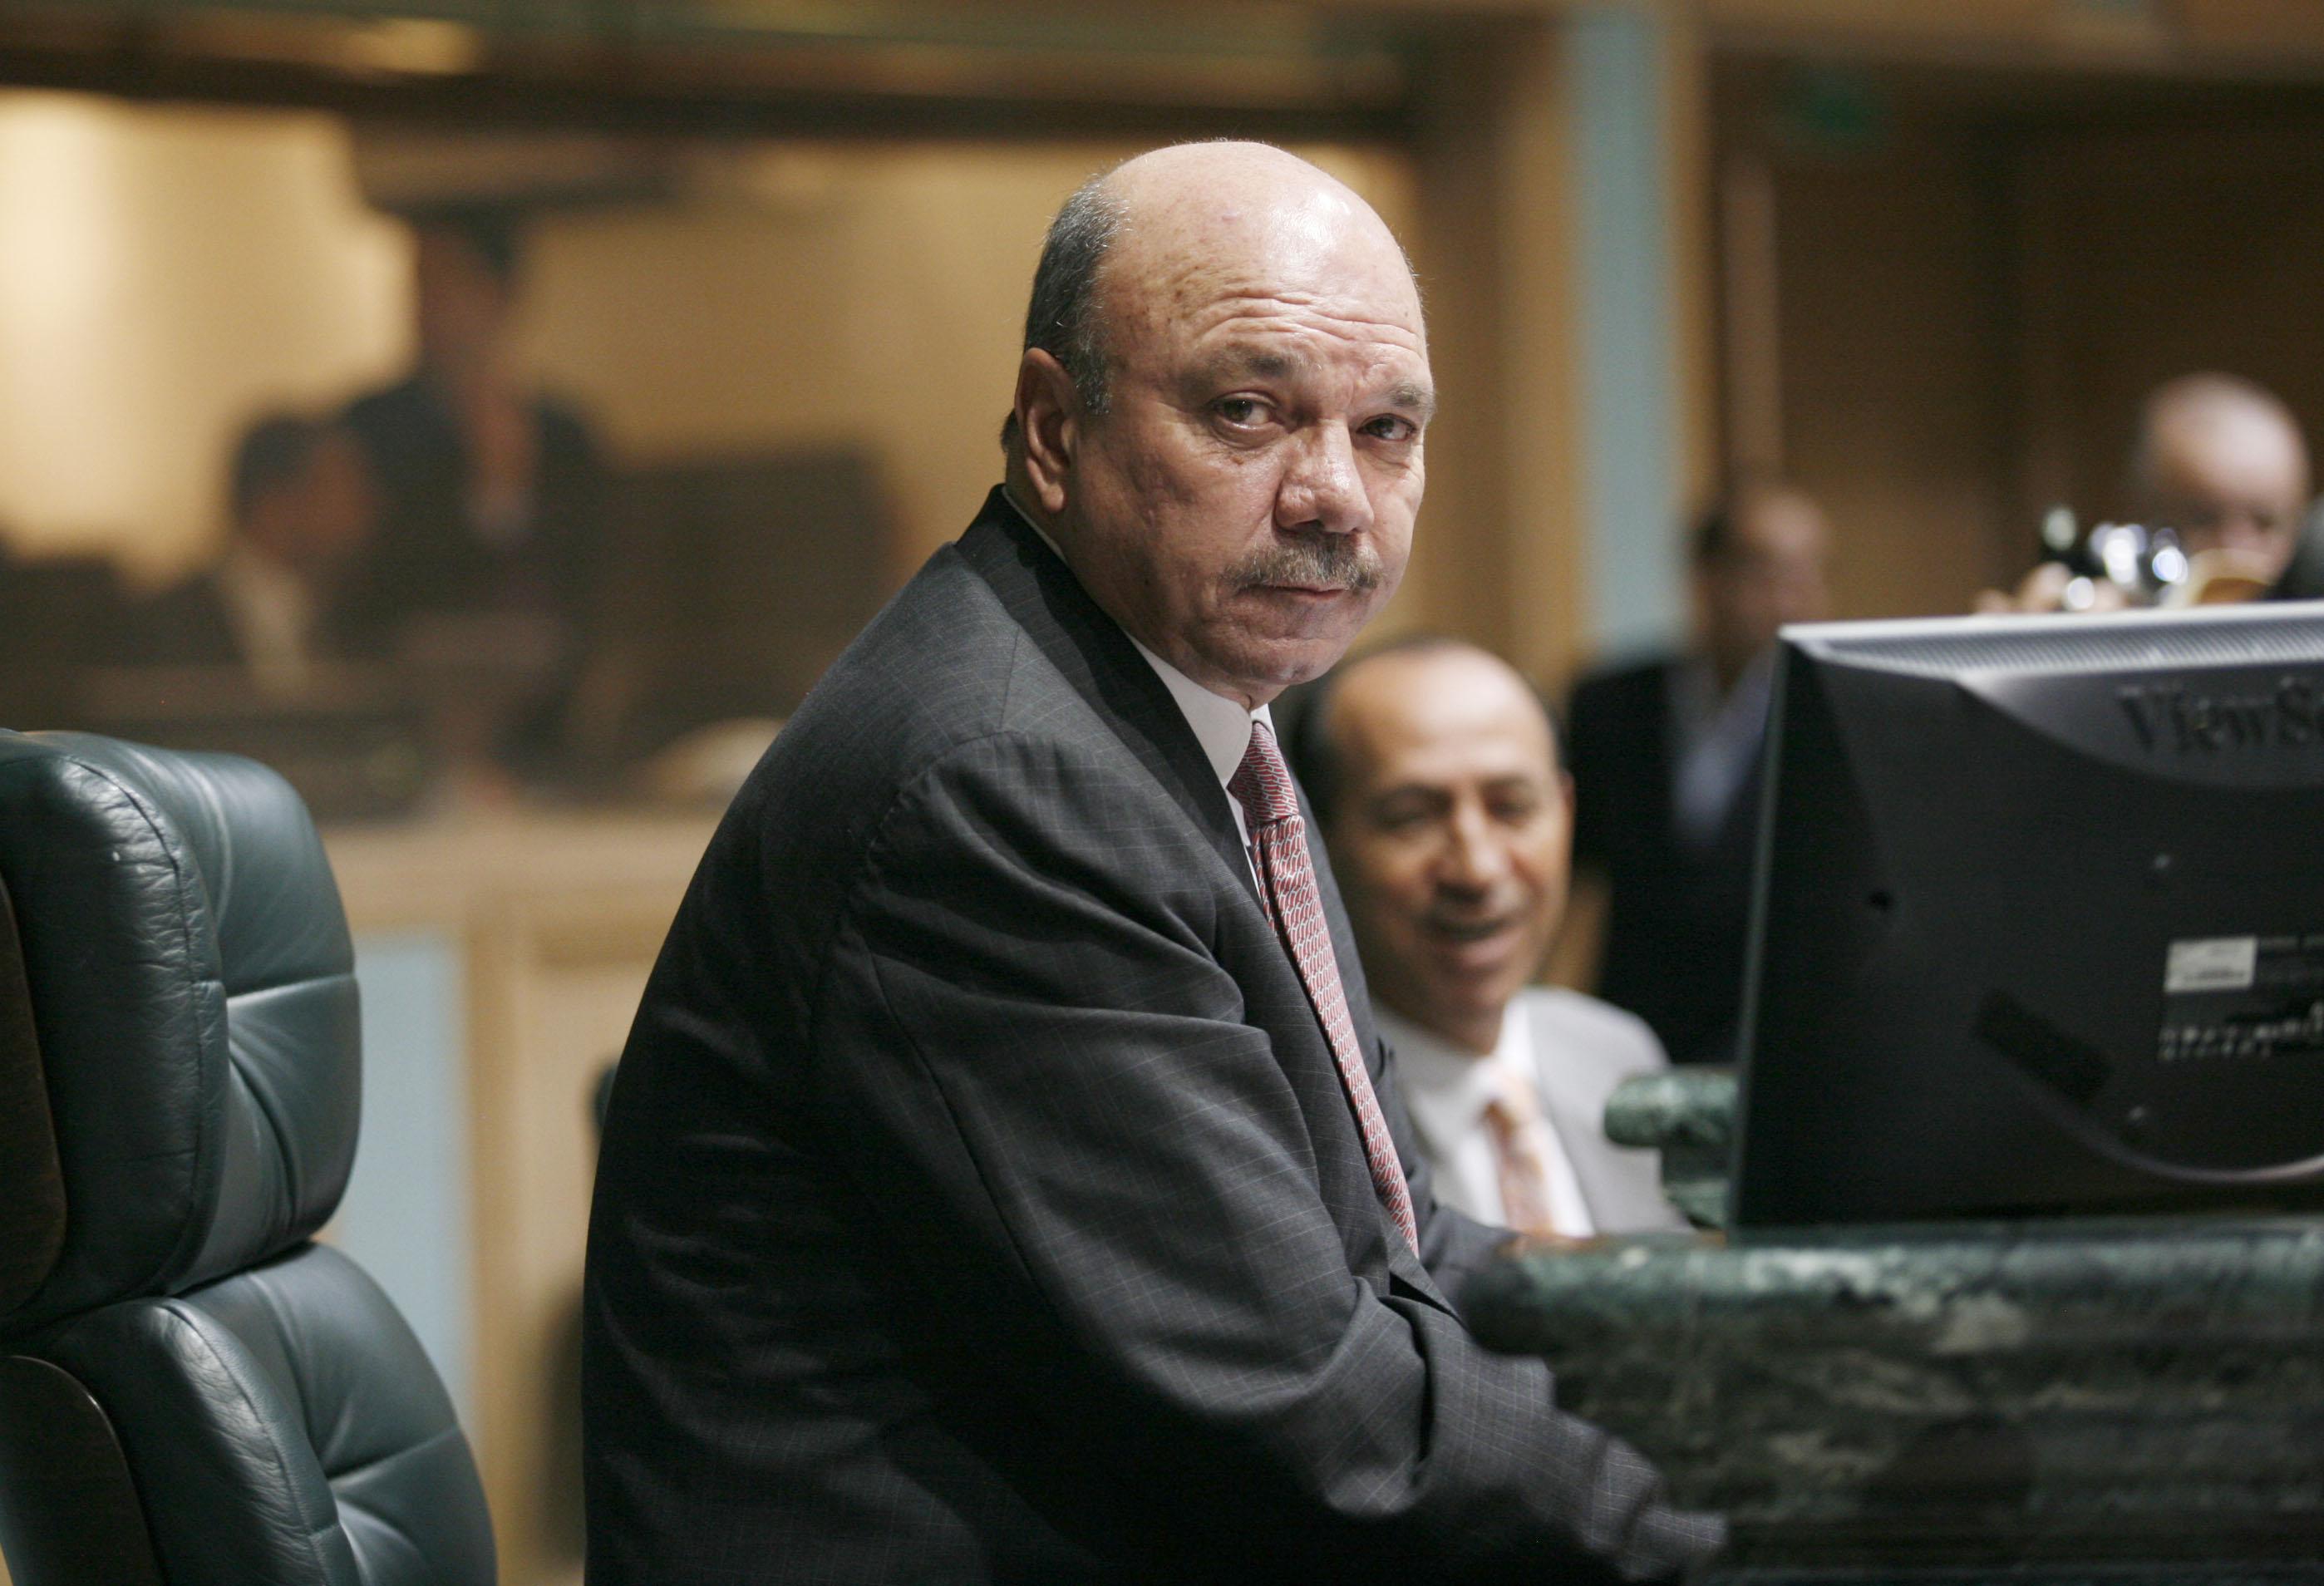 رئيس مجلس الأعيان يُهنئ الطوائف المسيحية بعيد الفصح